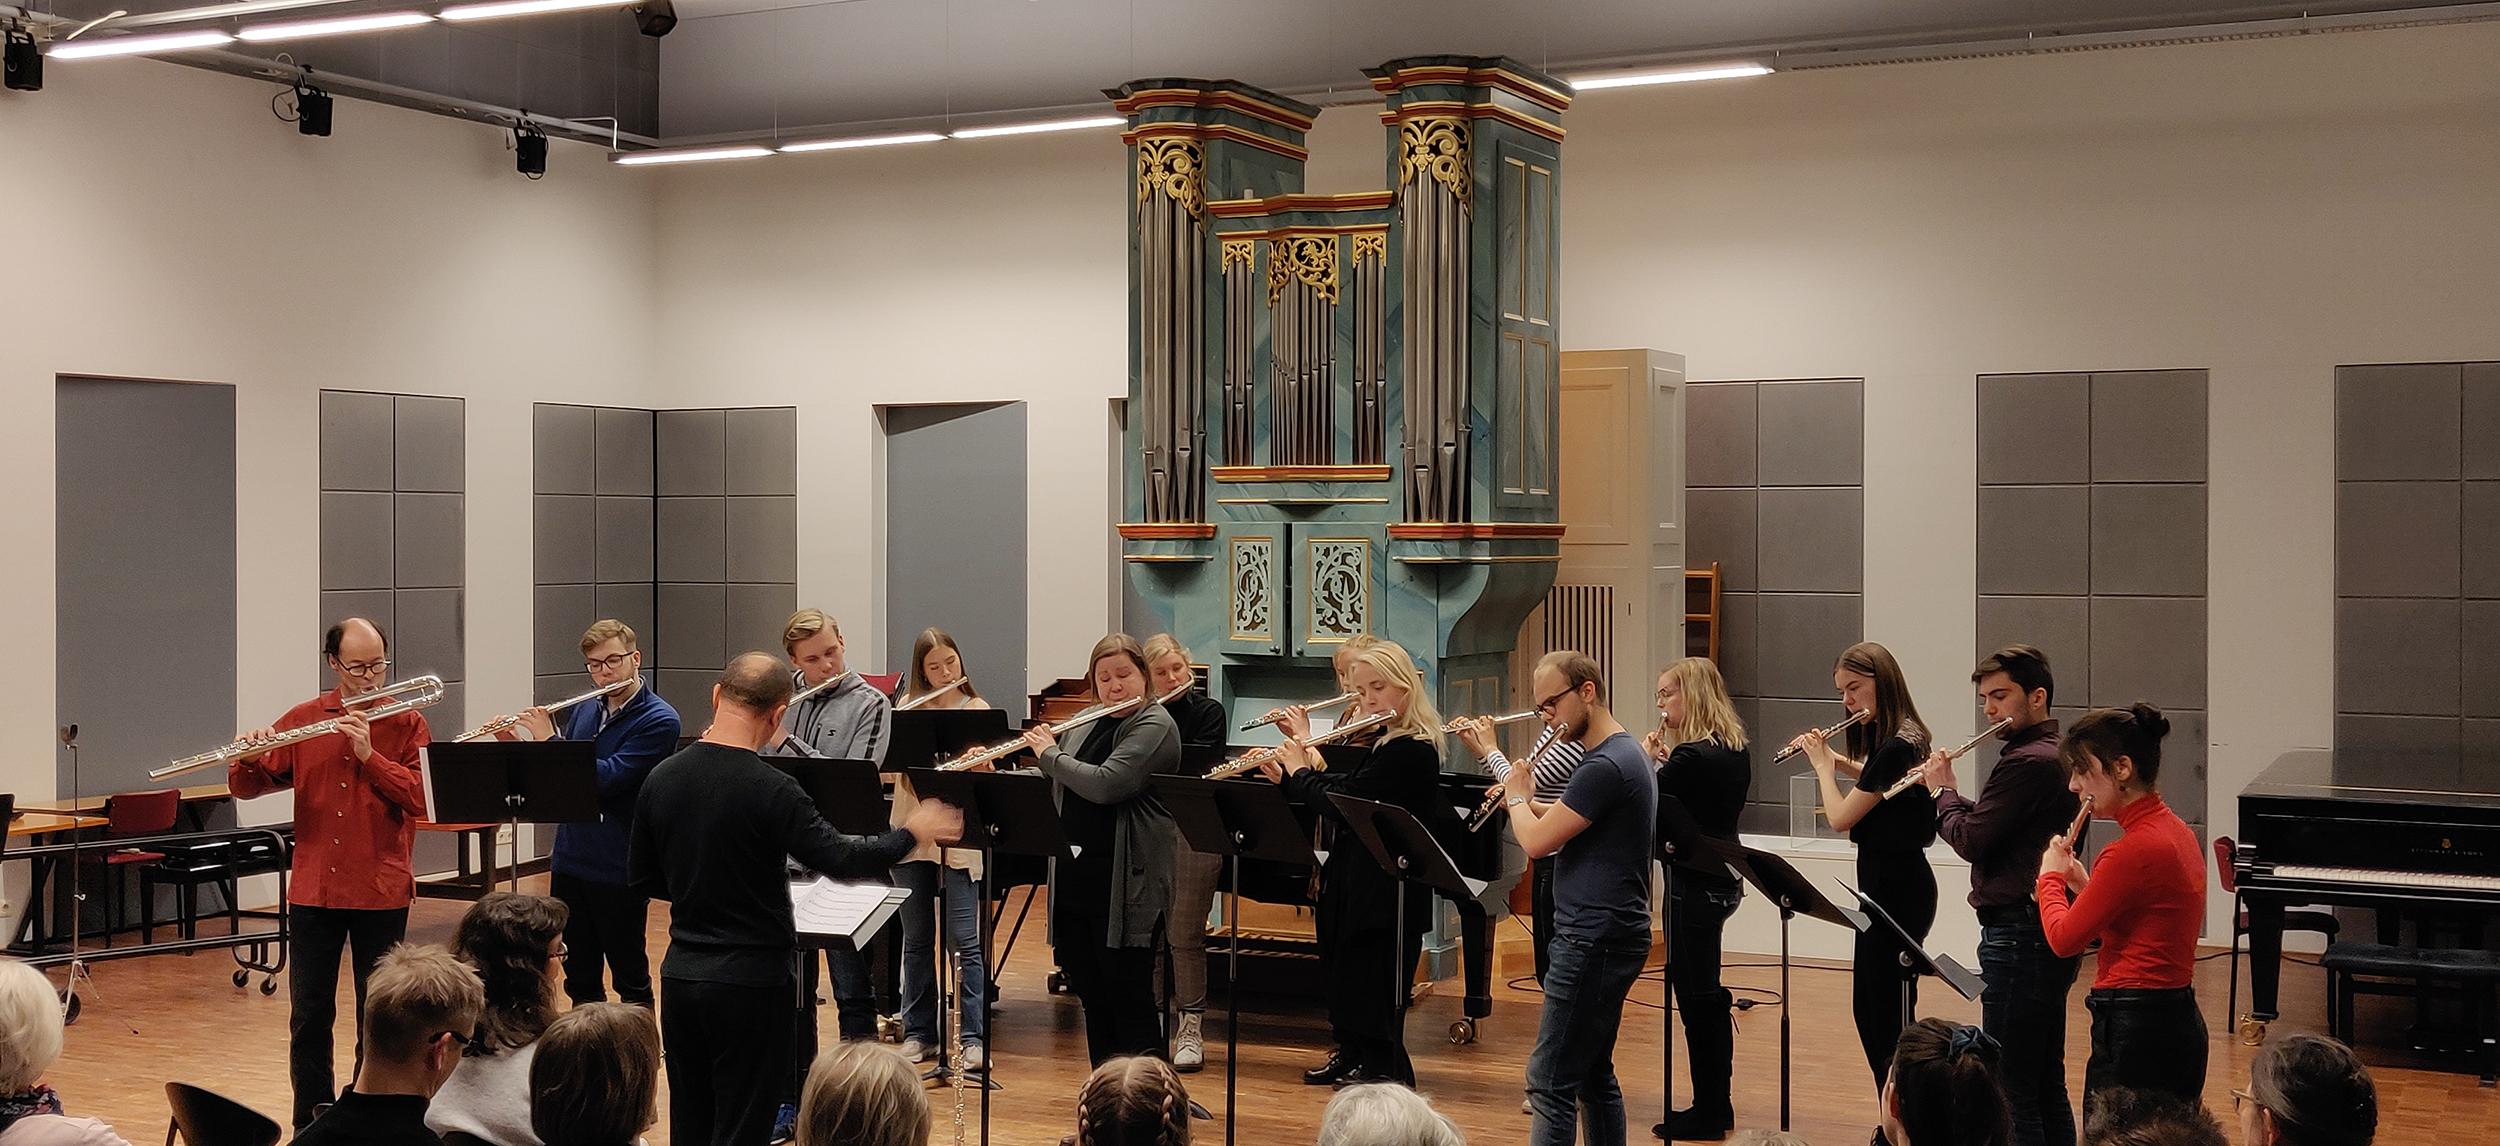 Suuren huiluorkesterin 13 soittajaa Oleg Sytiankon johdolla Crichton-salissa konsertissa vuonna 2019.